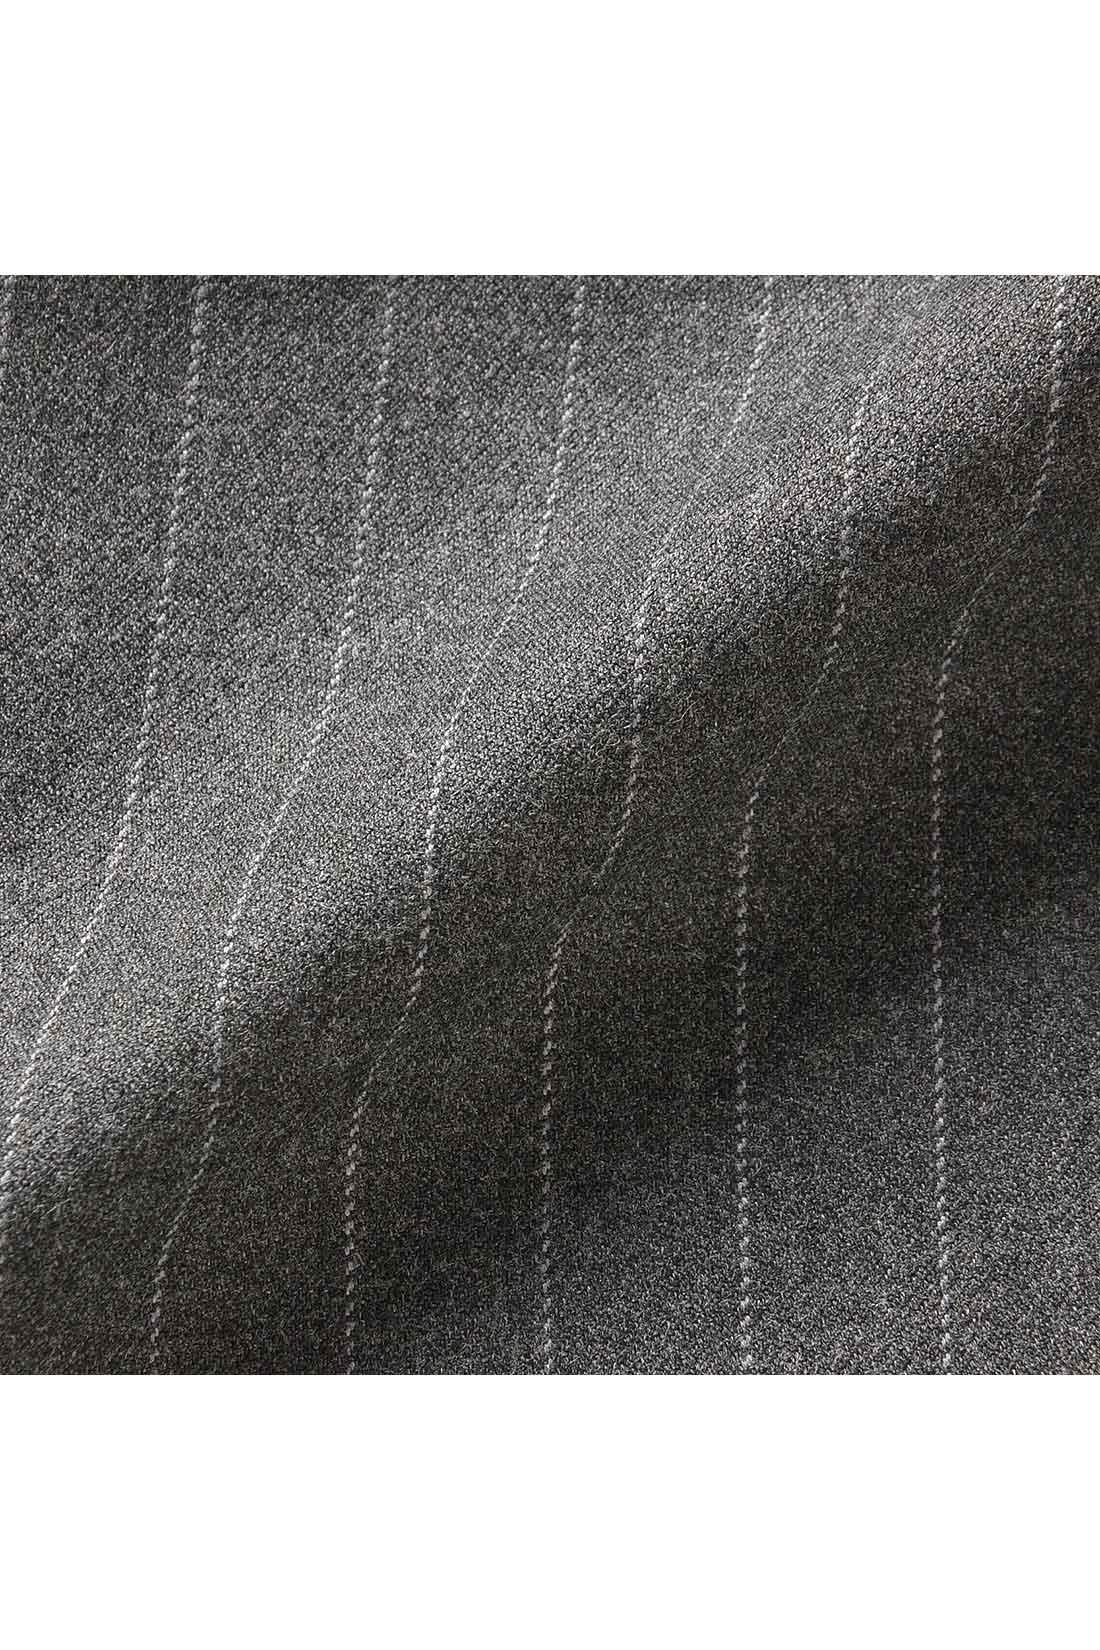 しなやかに伸びるストレッチの布はく素材。